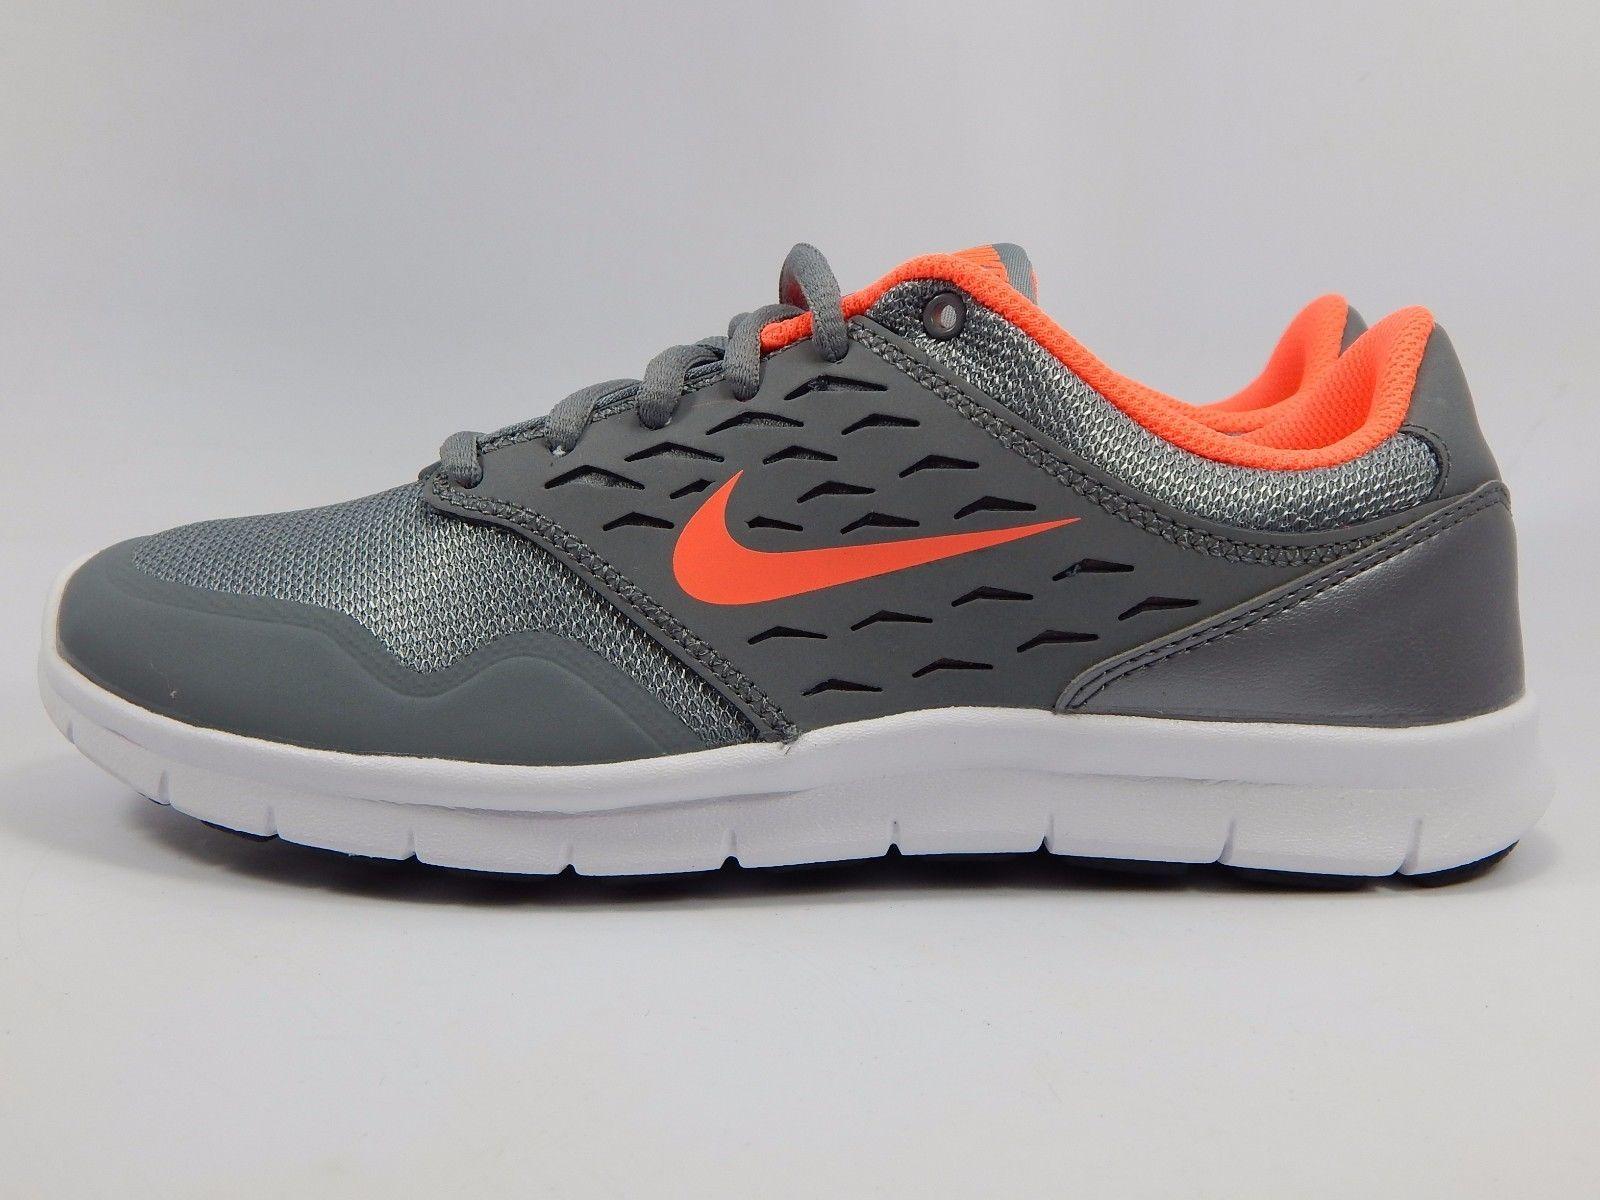 Nike Orive NM Women's Running Shoes Size US 7 M (B) EU 38 Gray Pink 677136-061